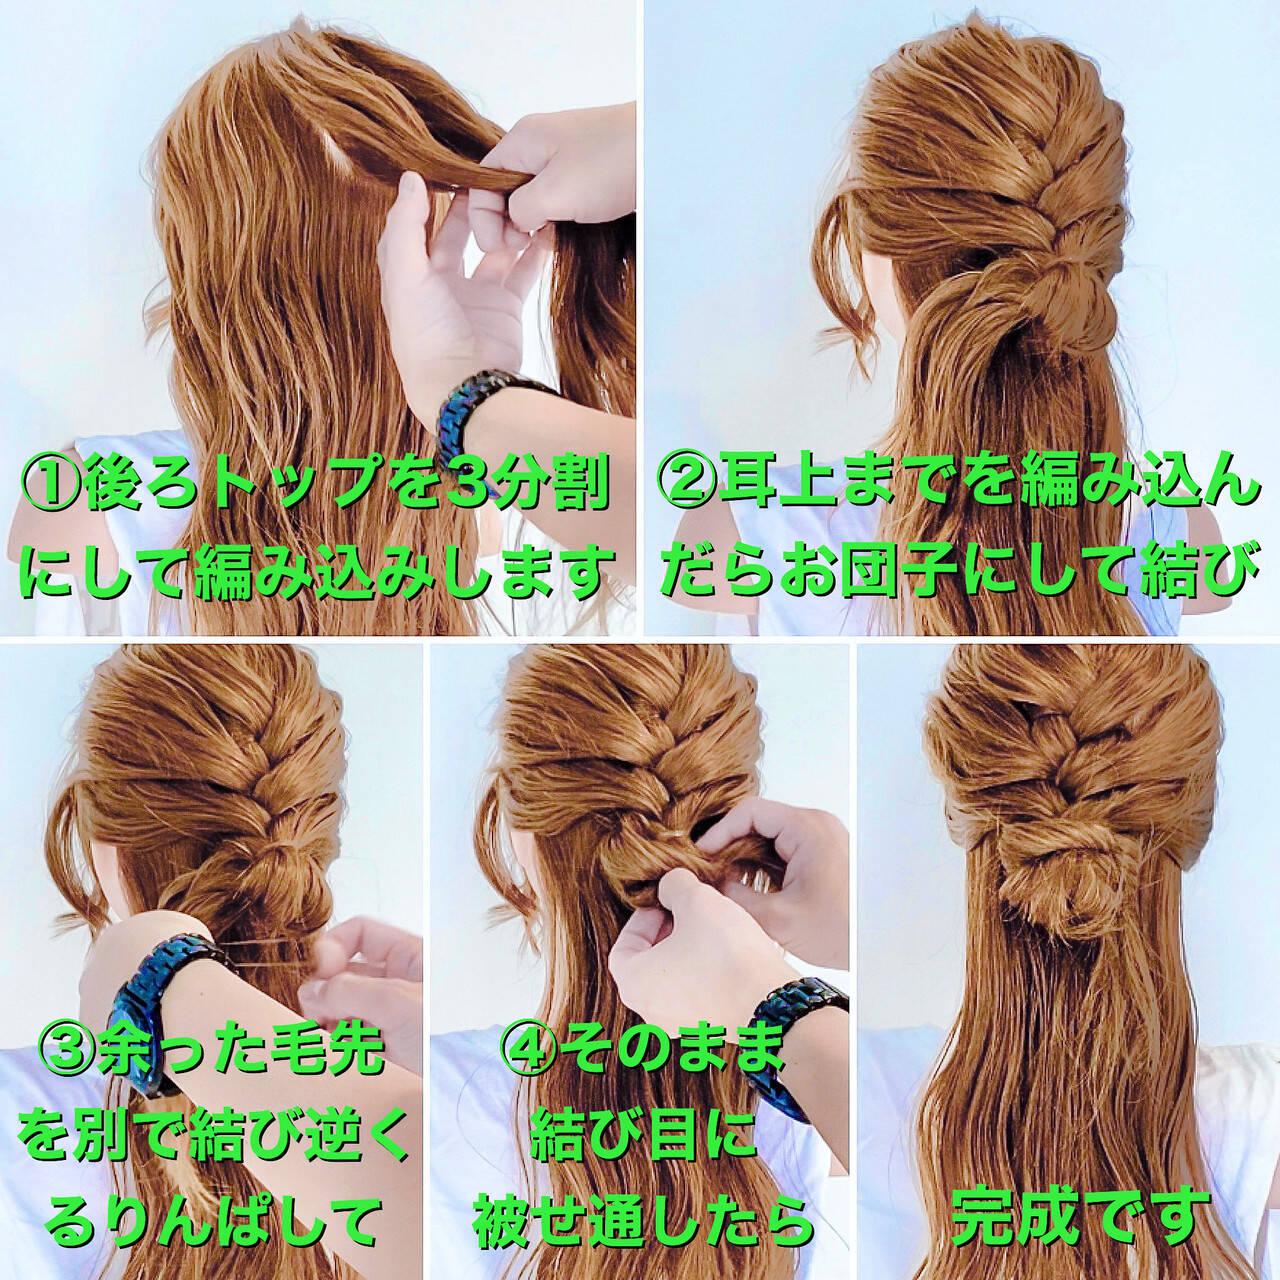 ハーフアップ 編み込み ヘアセット 編み込みヘアヘアスタイルや髪型の写真・画像